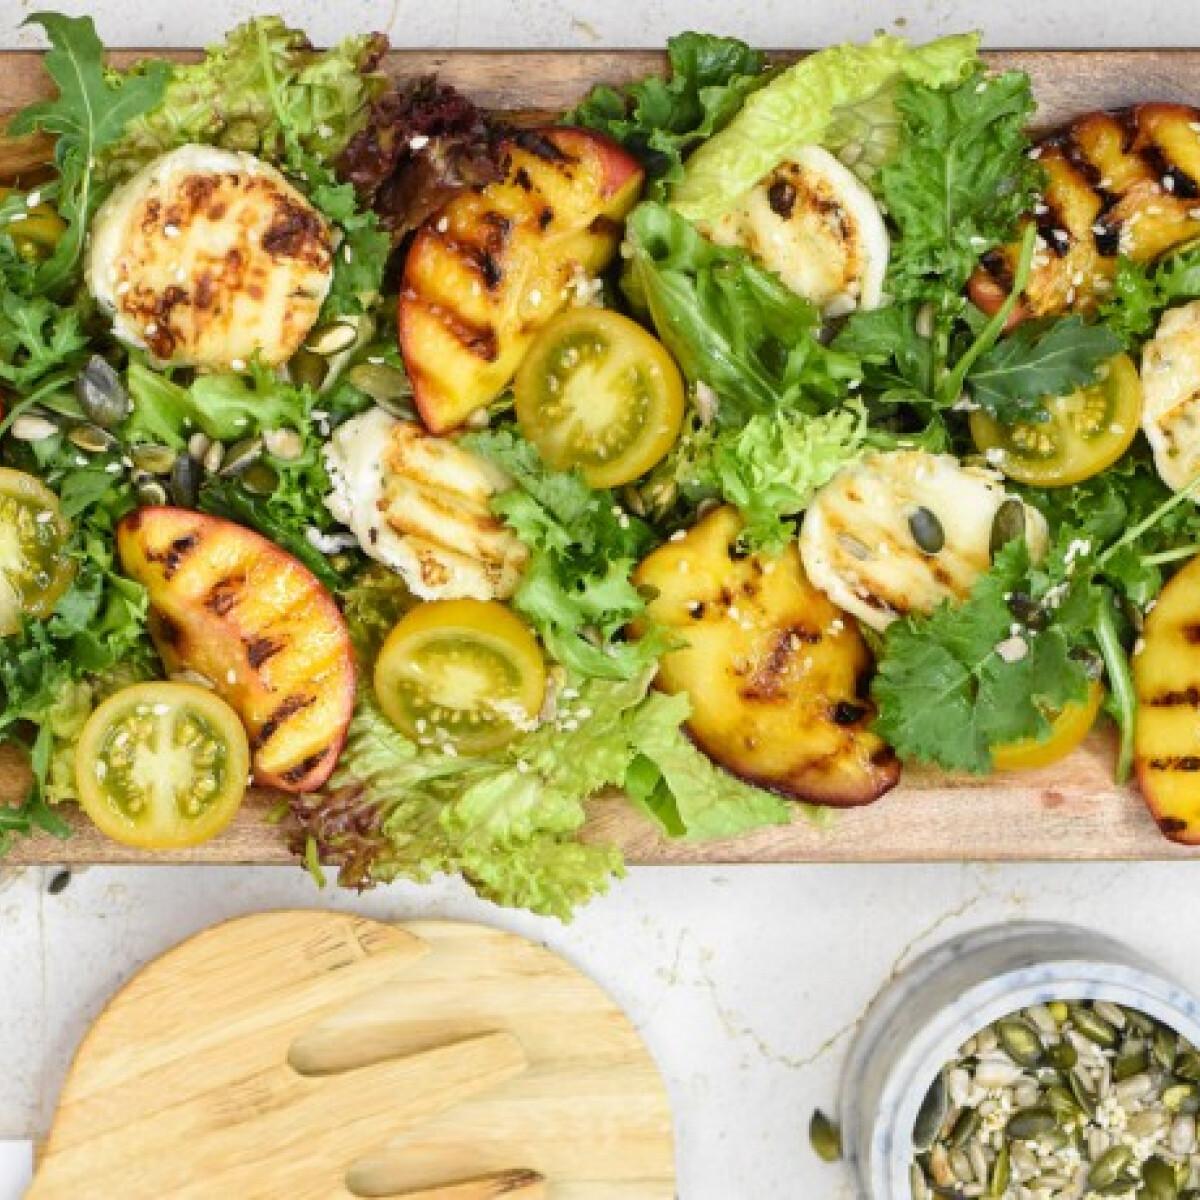 Grillezett nektarin és kecskesajt salátaágyon, pirított magvakkal